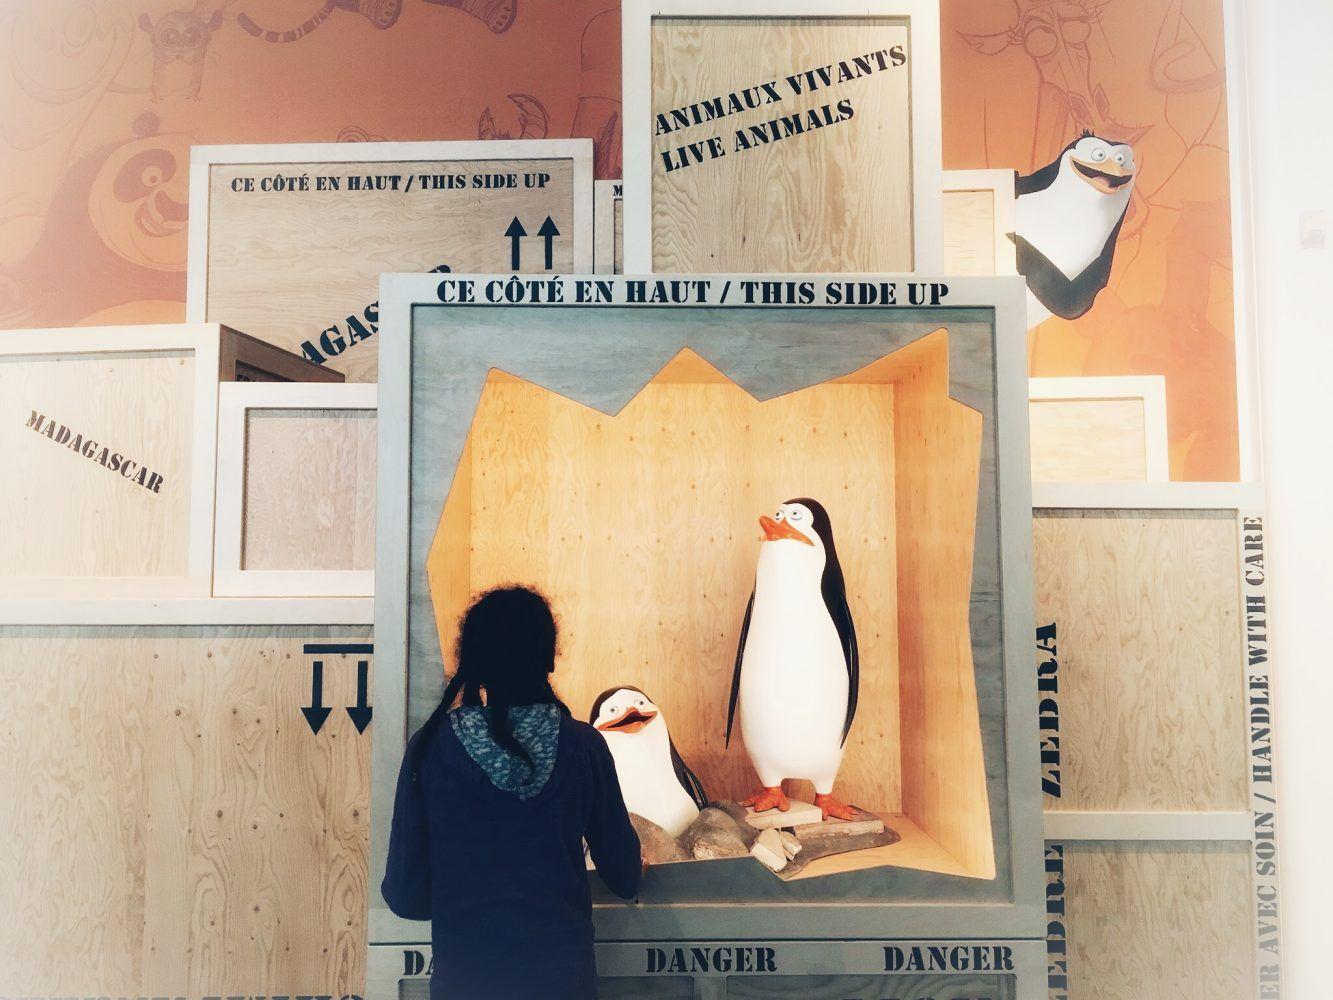 Dreamworks Animation L Exposition Est Presentee Au Musee Canadien De L Histoire De Gatineau En Outaouais Jusqu Au 8 Avril 201 Live Animals Painting Animals